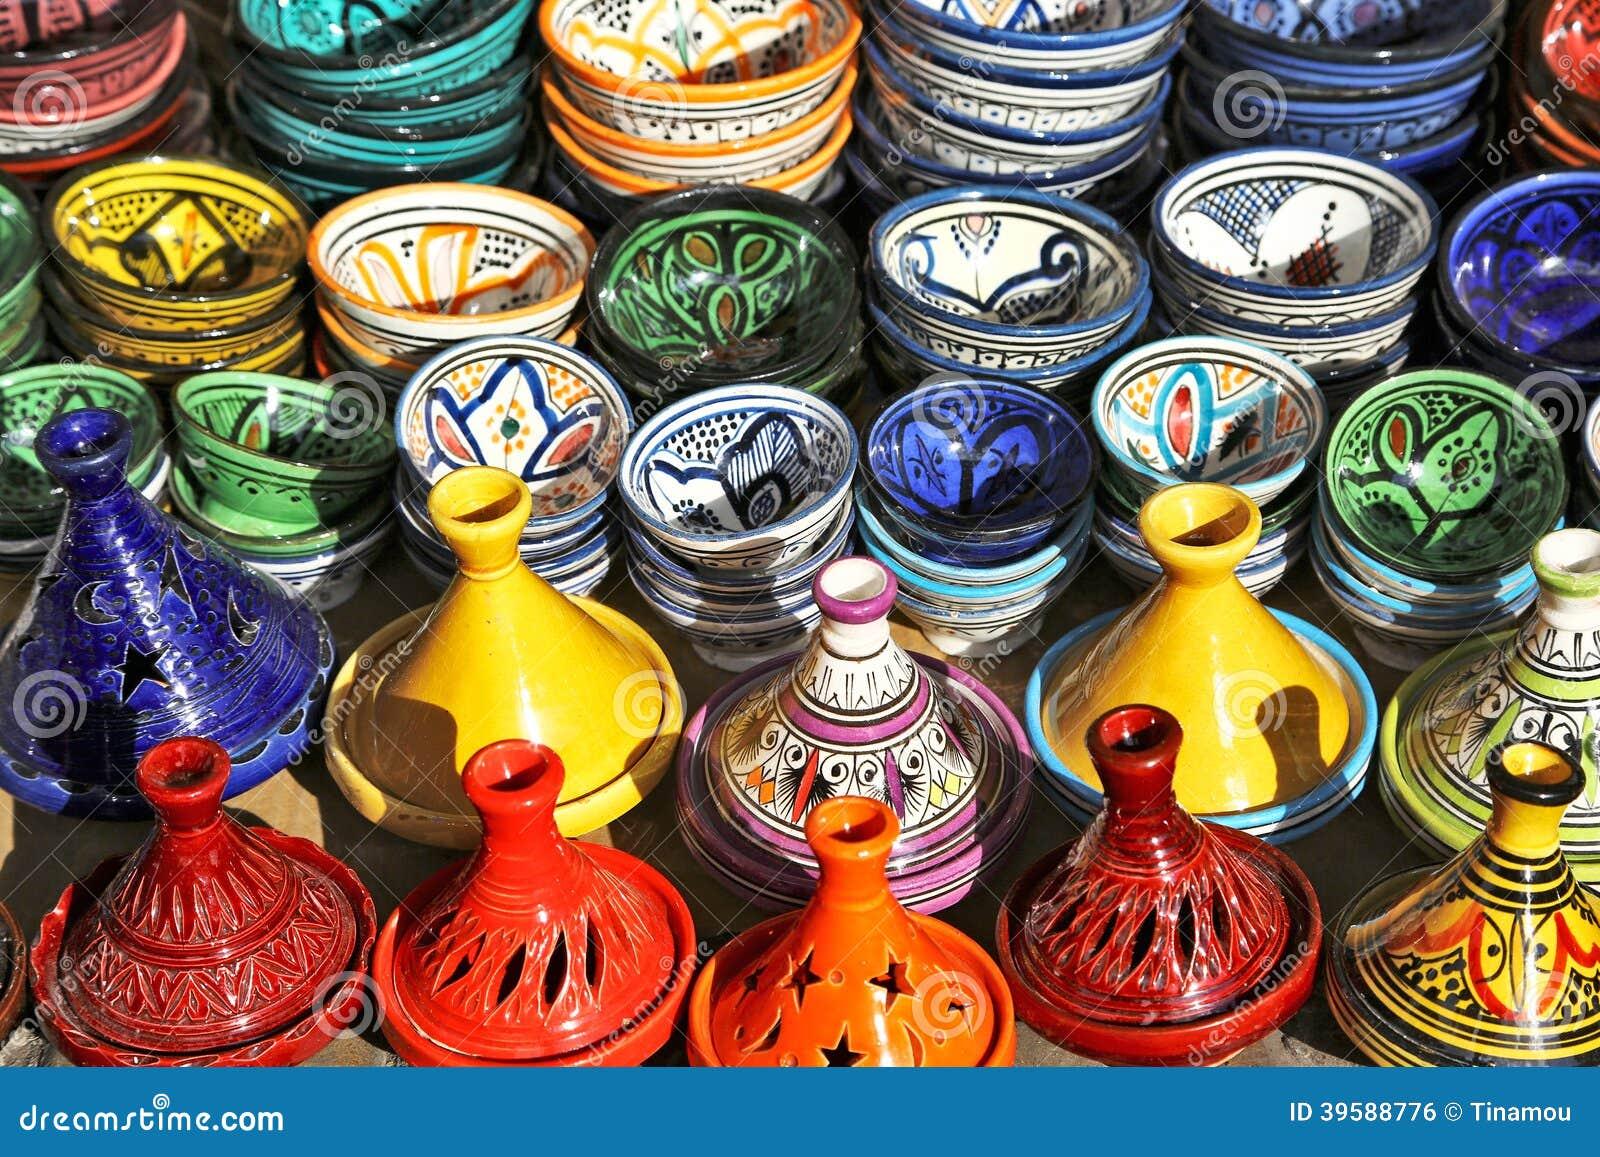 Πολύχρωμη αγγειοπλαστική στην πώληση στο Μαρακές, Μαρόκο